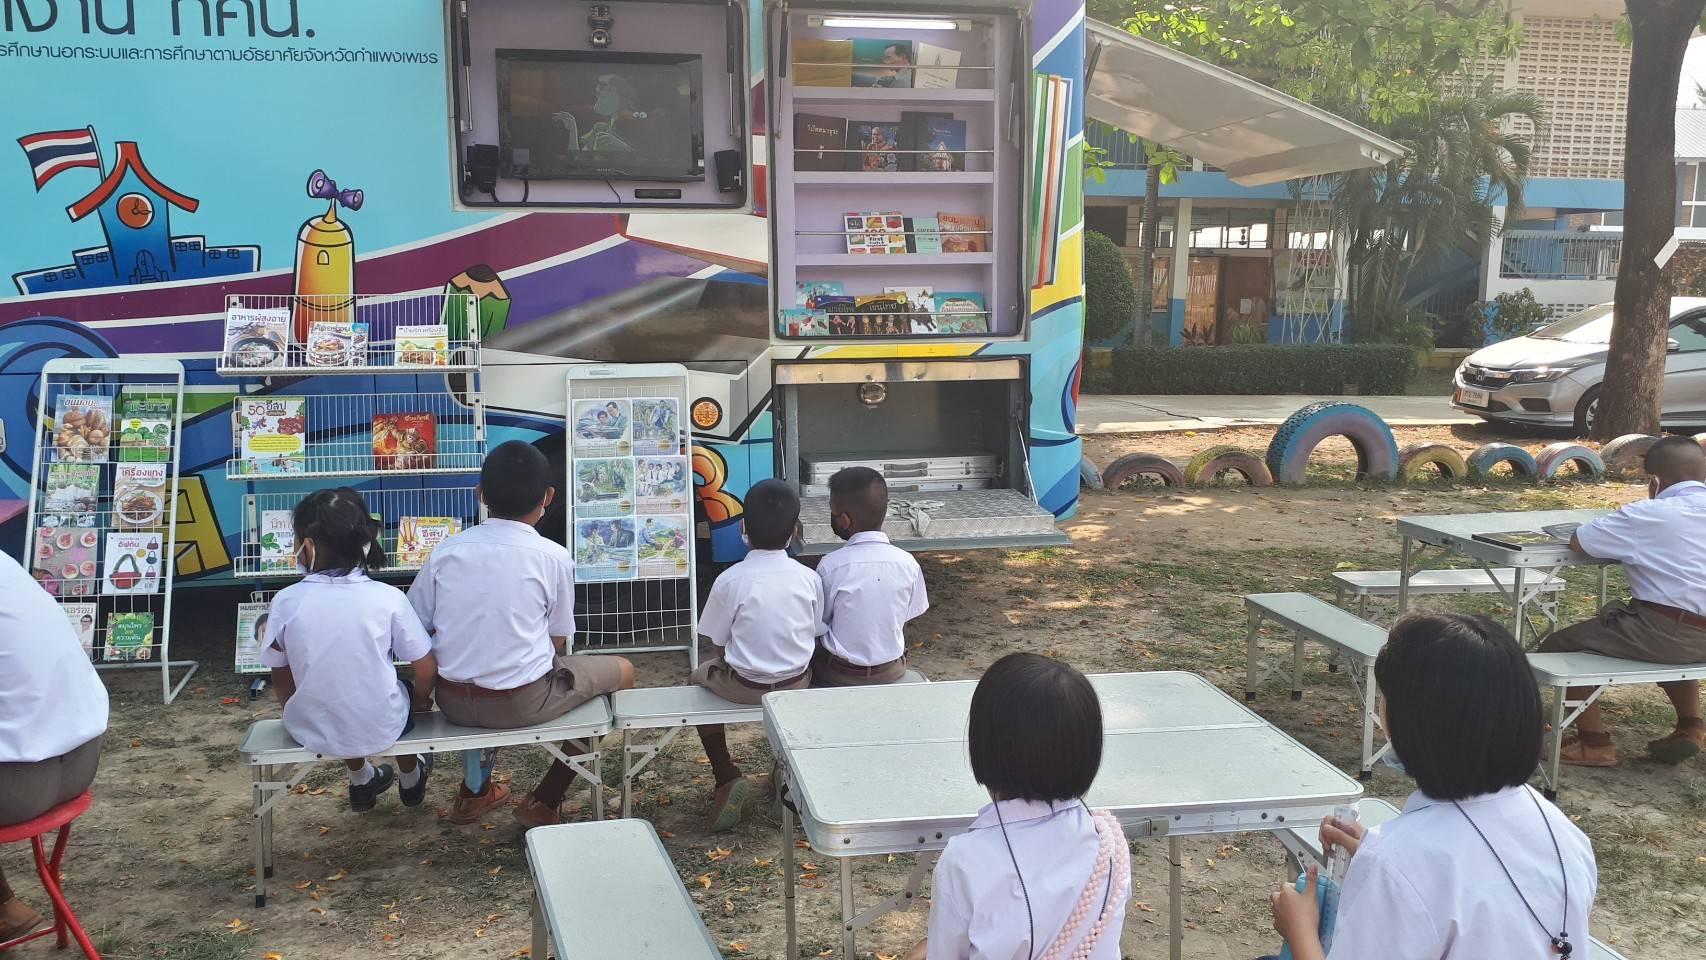 กิจกรรม  ส่งเสริมการอ่าน  ณ  โรงเรียนบ้านโนนม่วง  ตำบลนครชุม  อำเภอเมือง  จังหวัดกำแพงเพชร